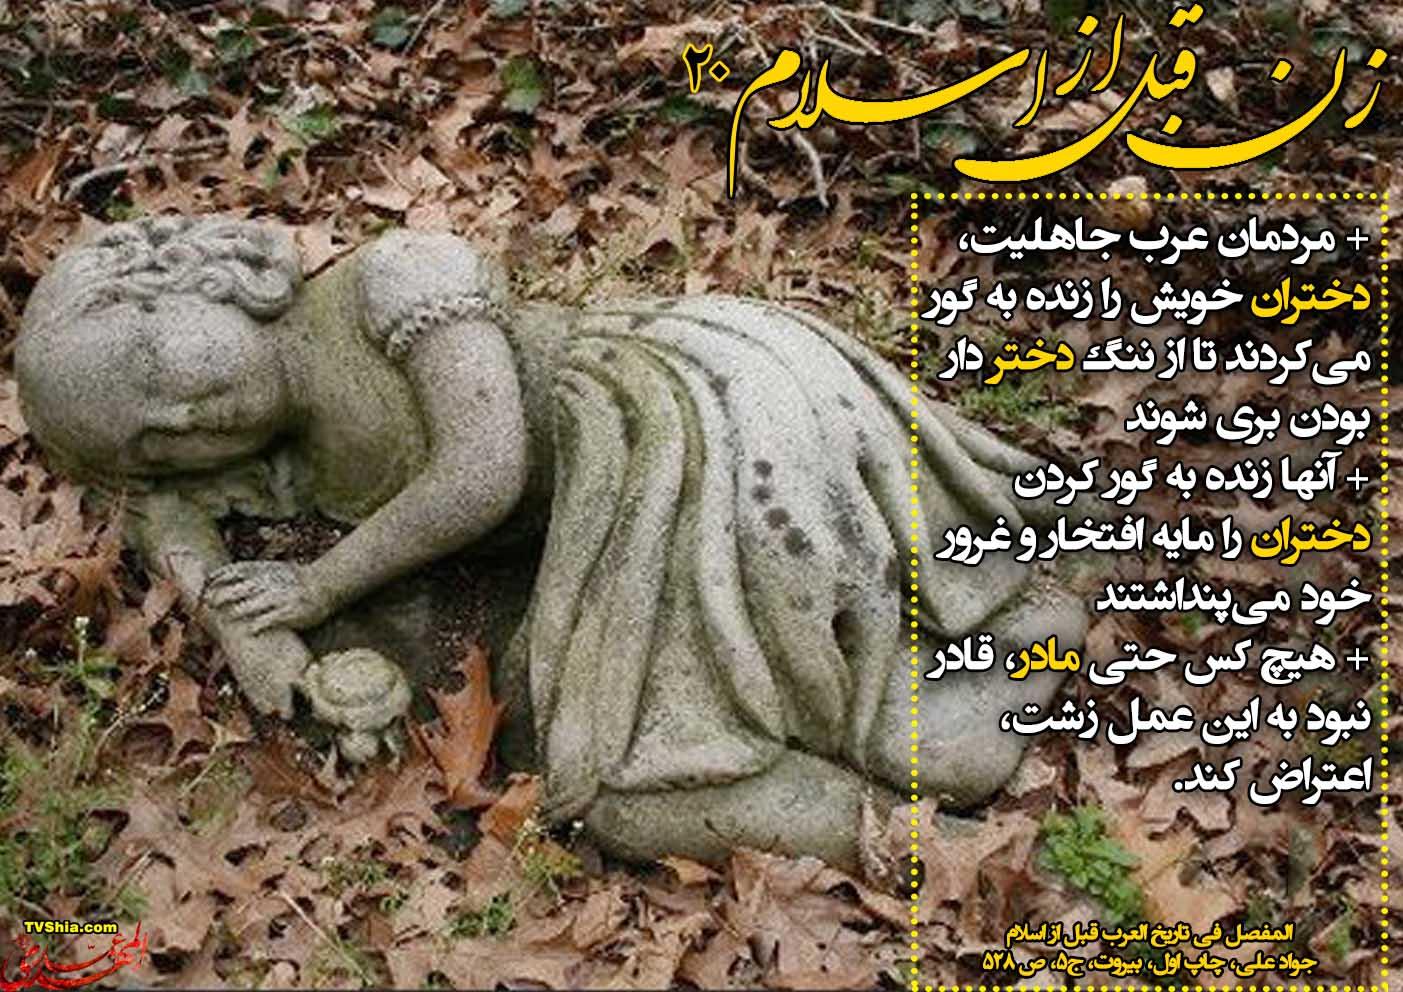 زن قبل از اسلام  / جایگاه زن پیش از اسلام